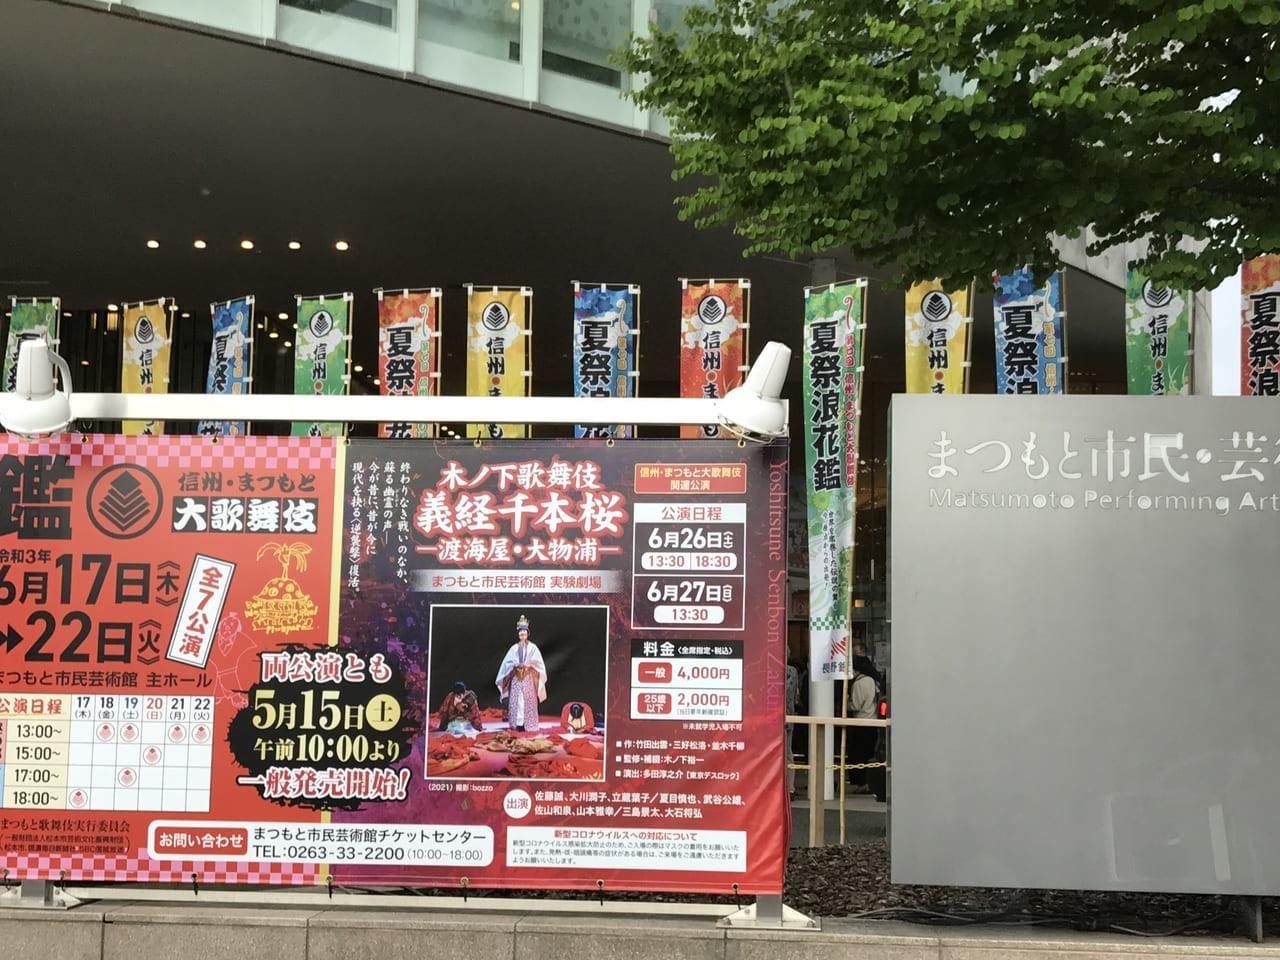 松本市大歌舞伎